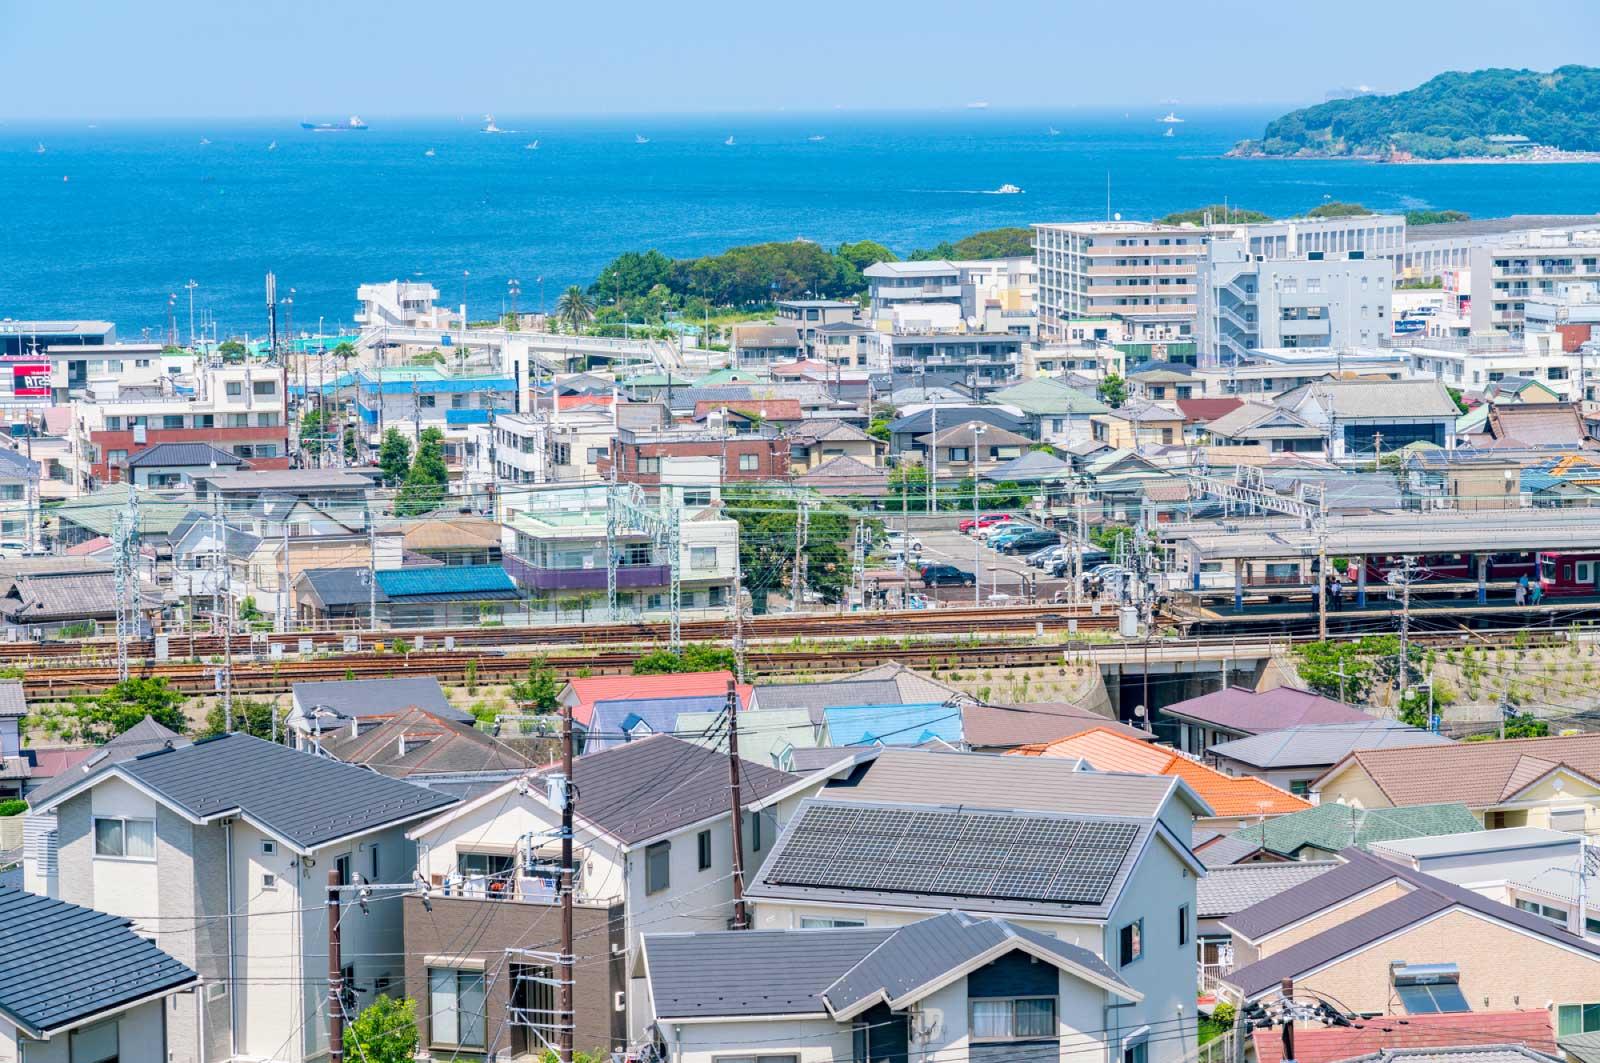 結婚してから横須賀に住み始めた